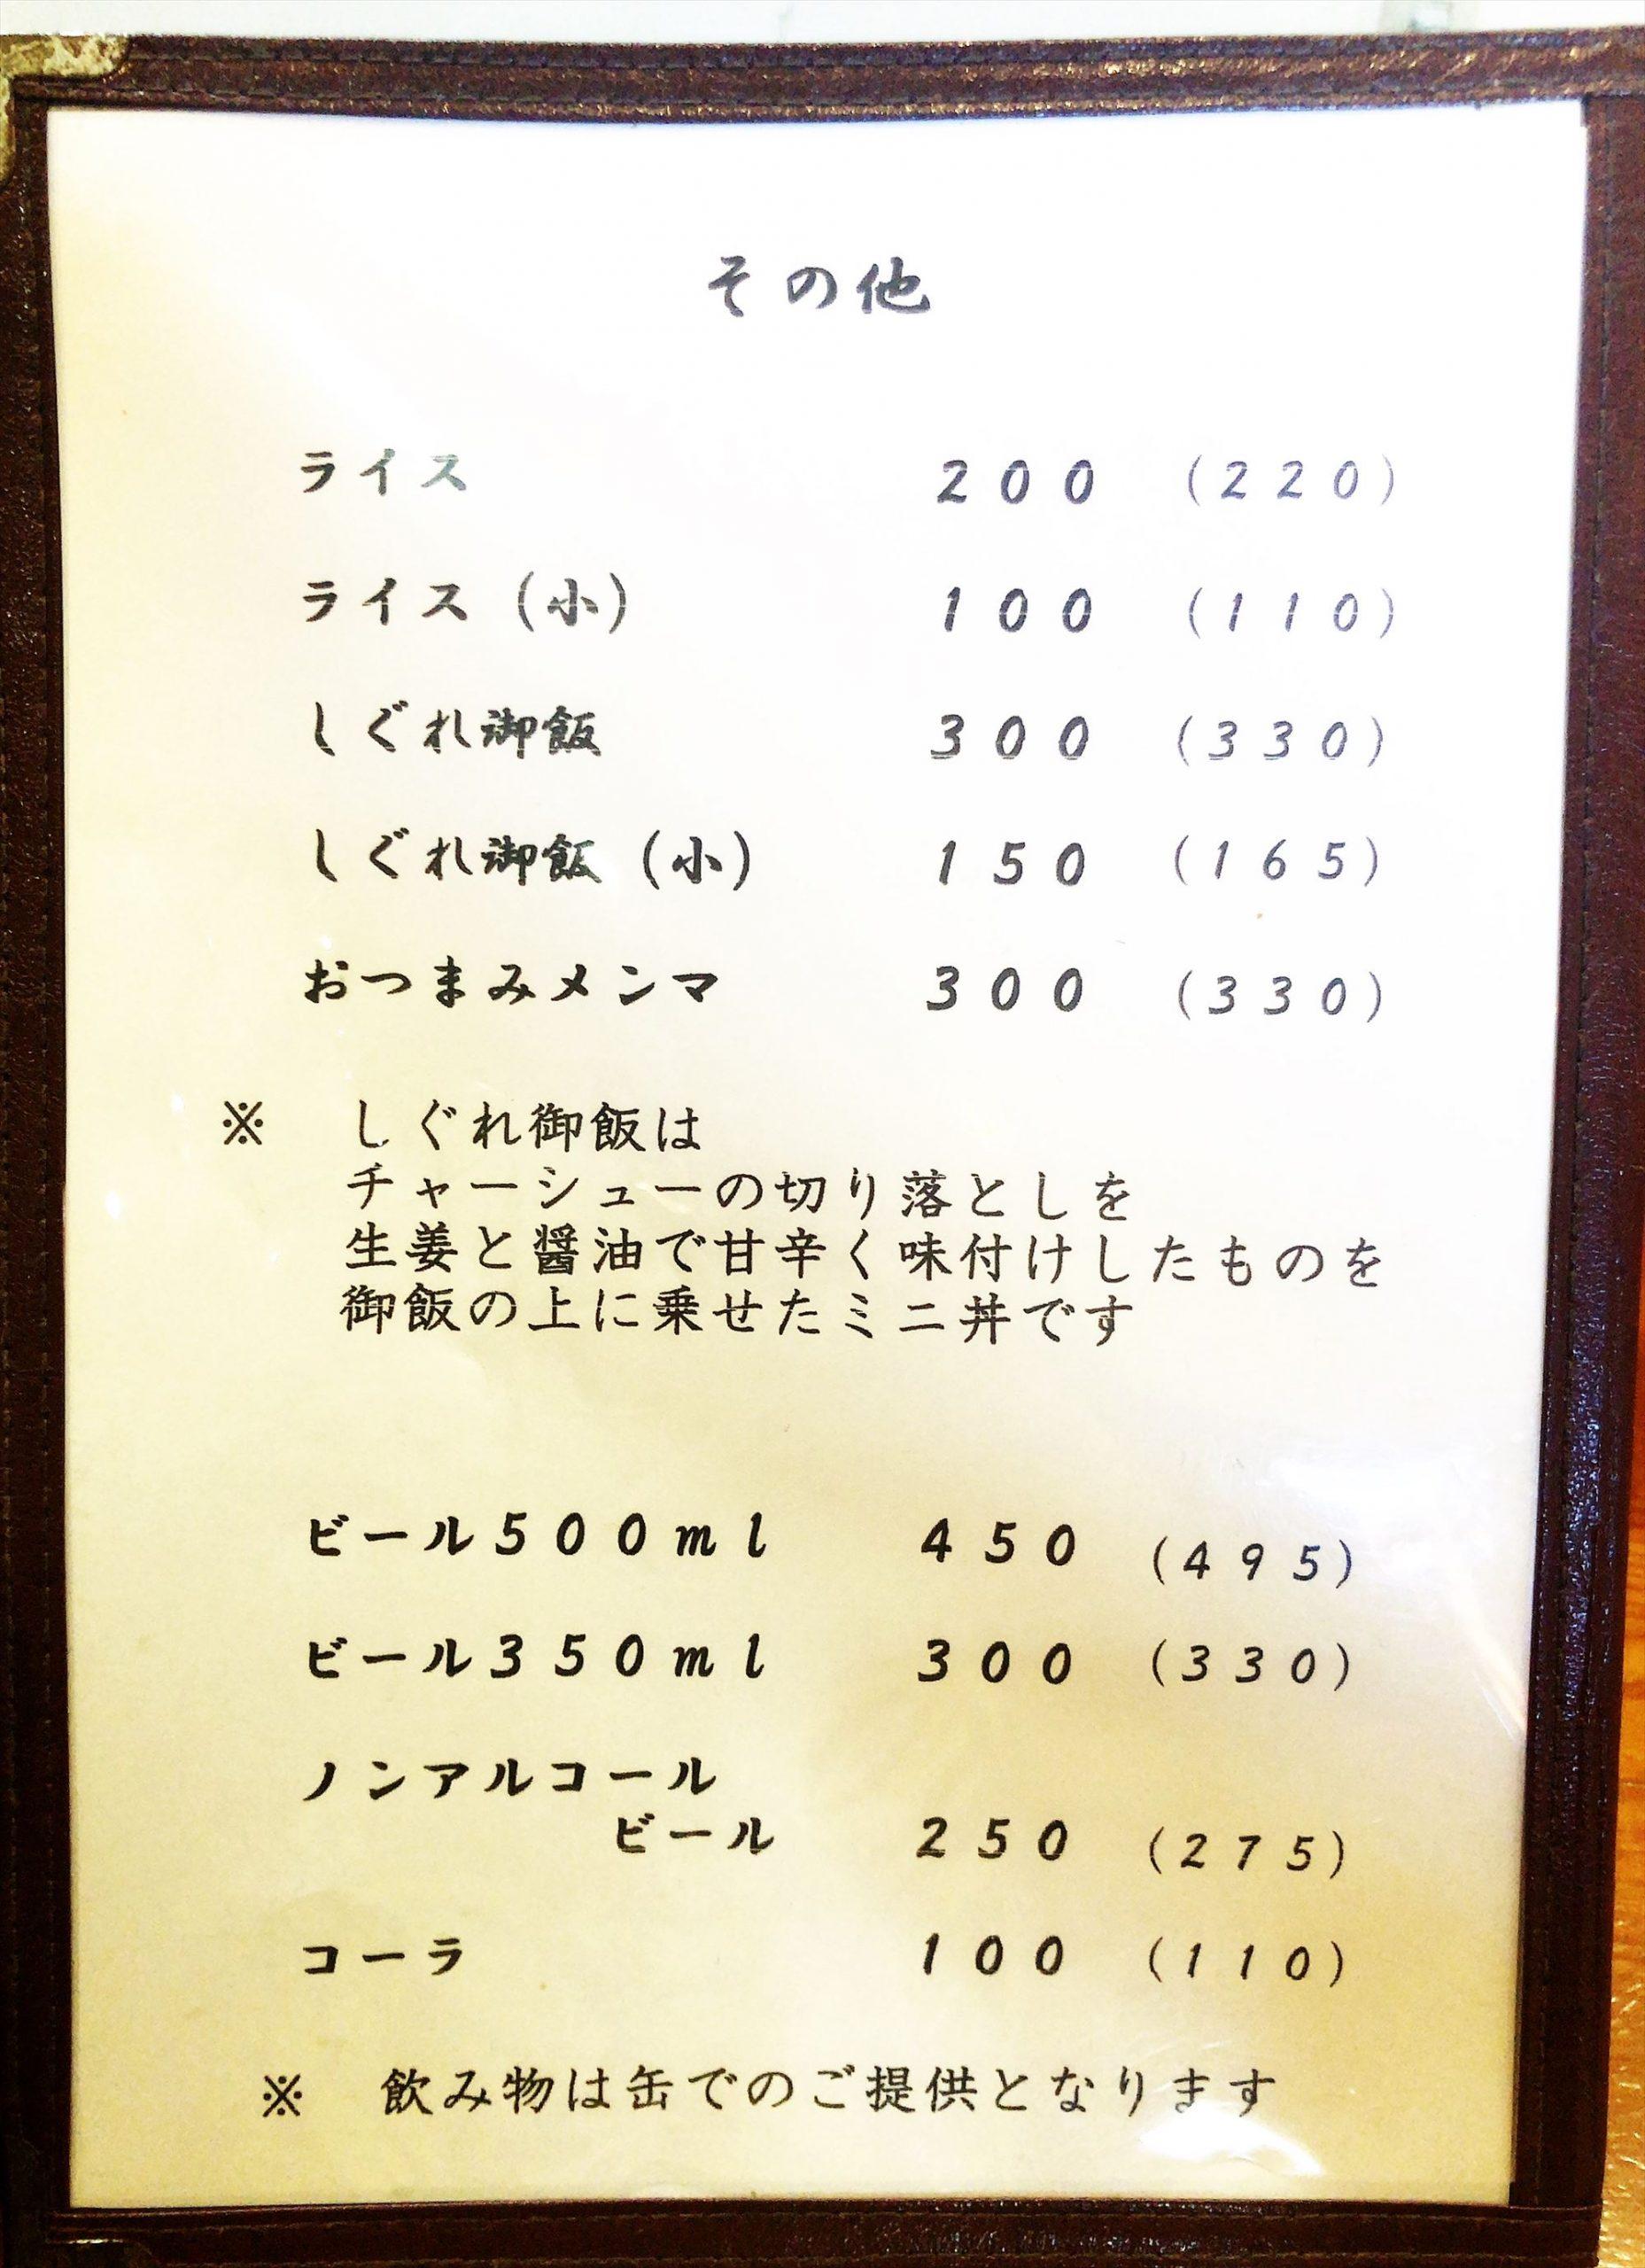 中華そば専門店 木八 三島店のメニュー